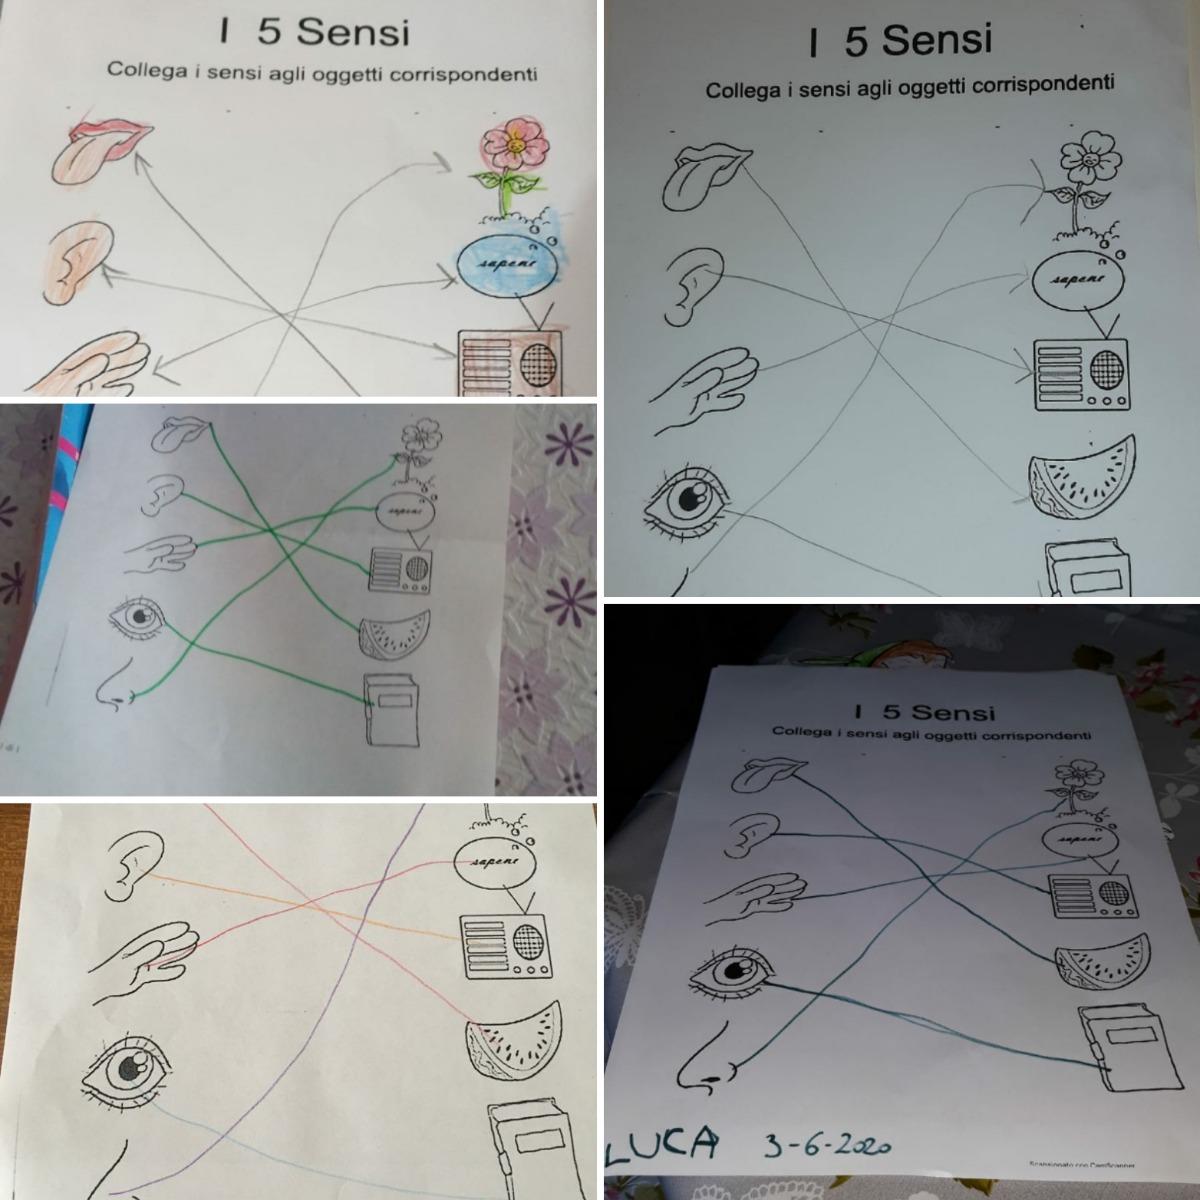 I 5 Sensi Sezione G